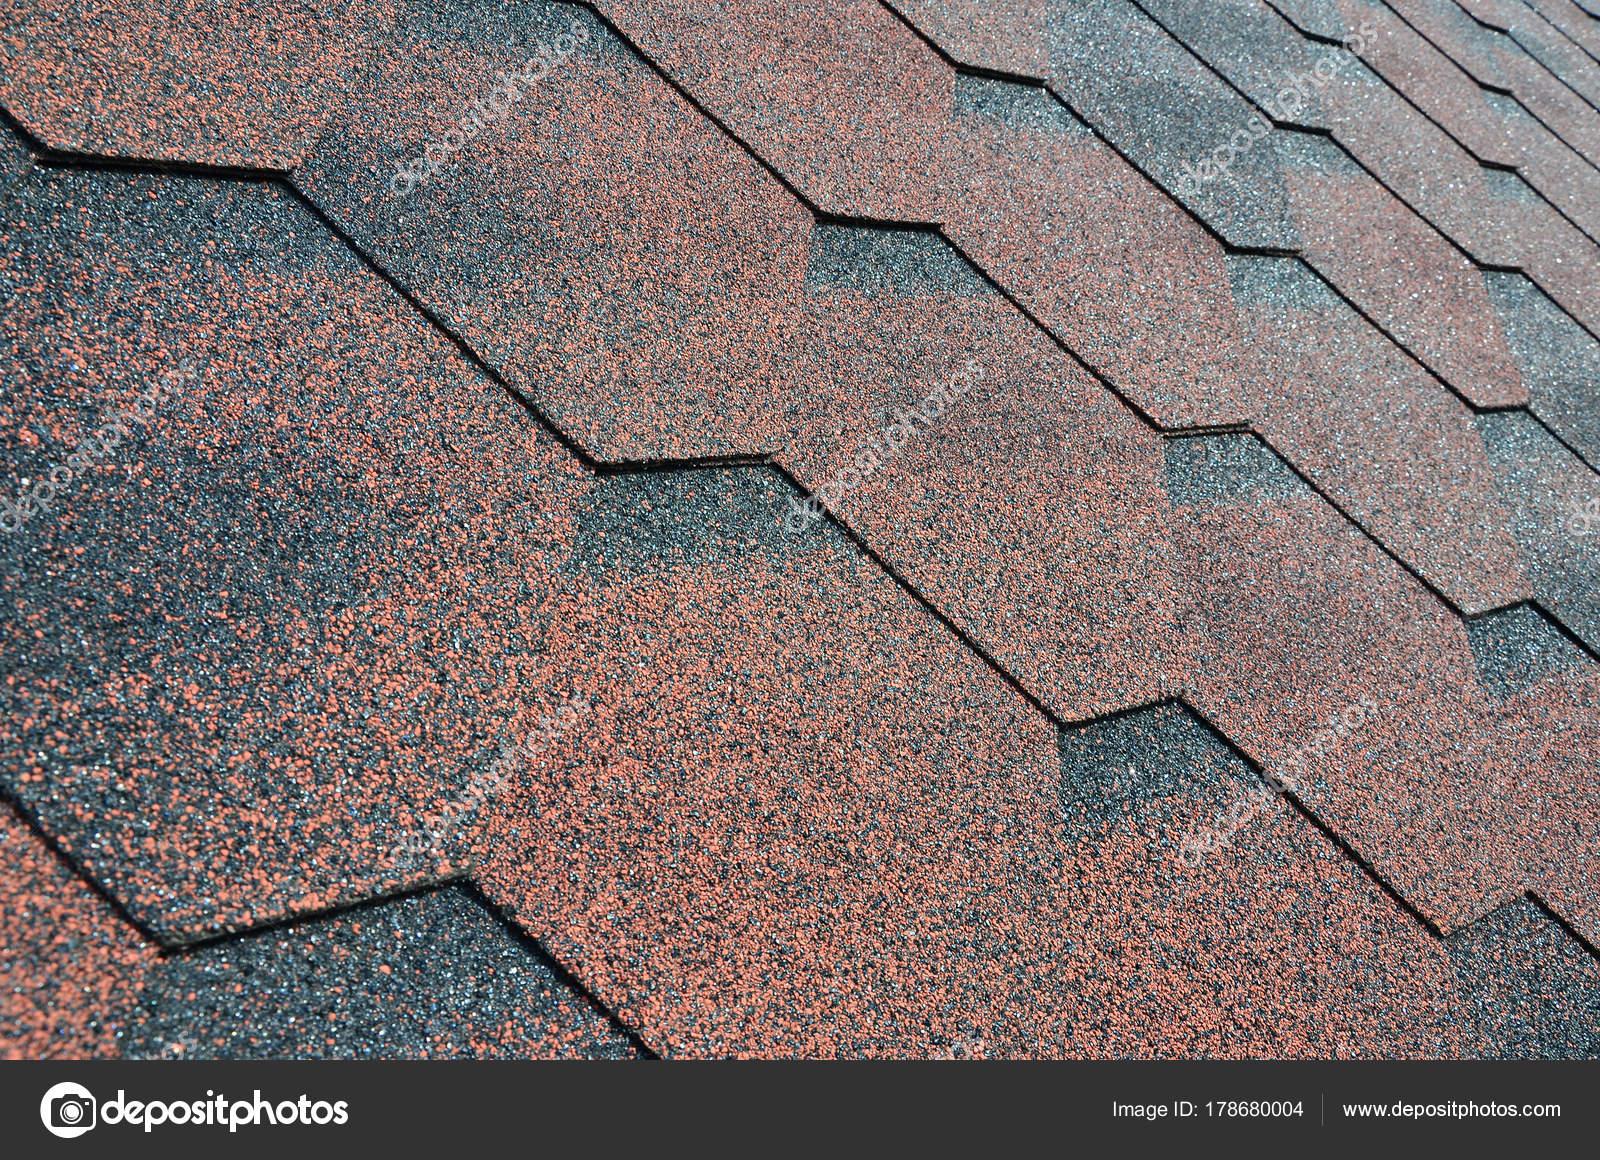 Texture Roof Bituminous Coating Rough Bituminous Mosaic Red Brown